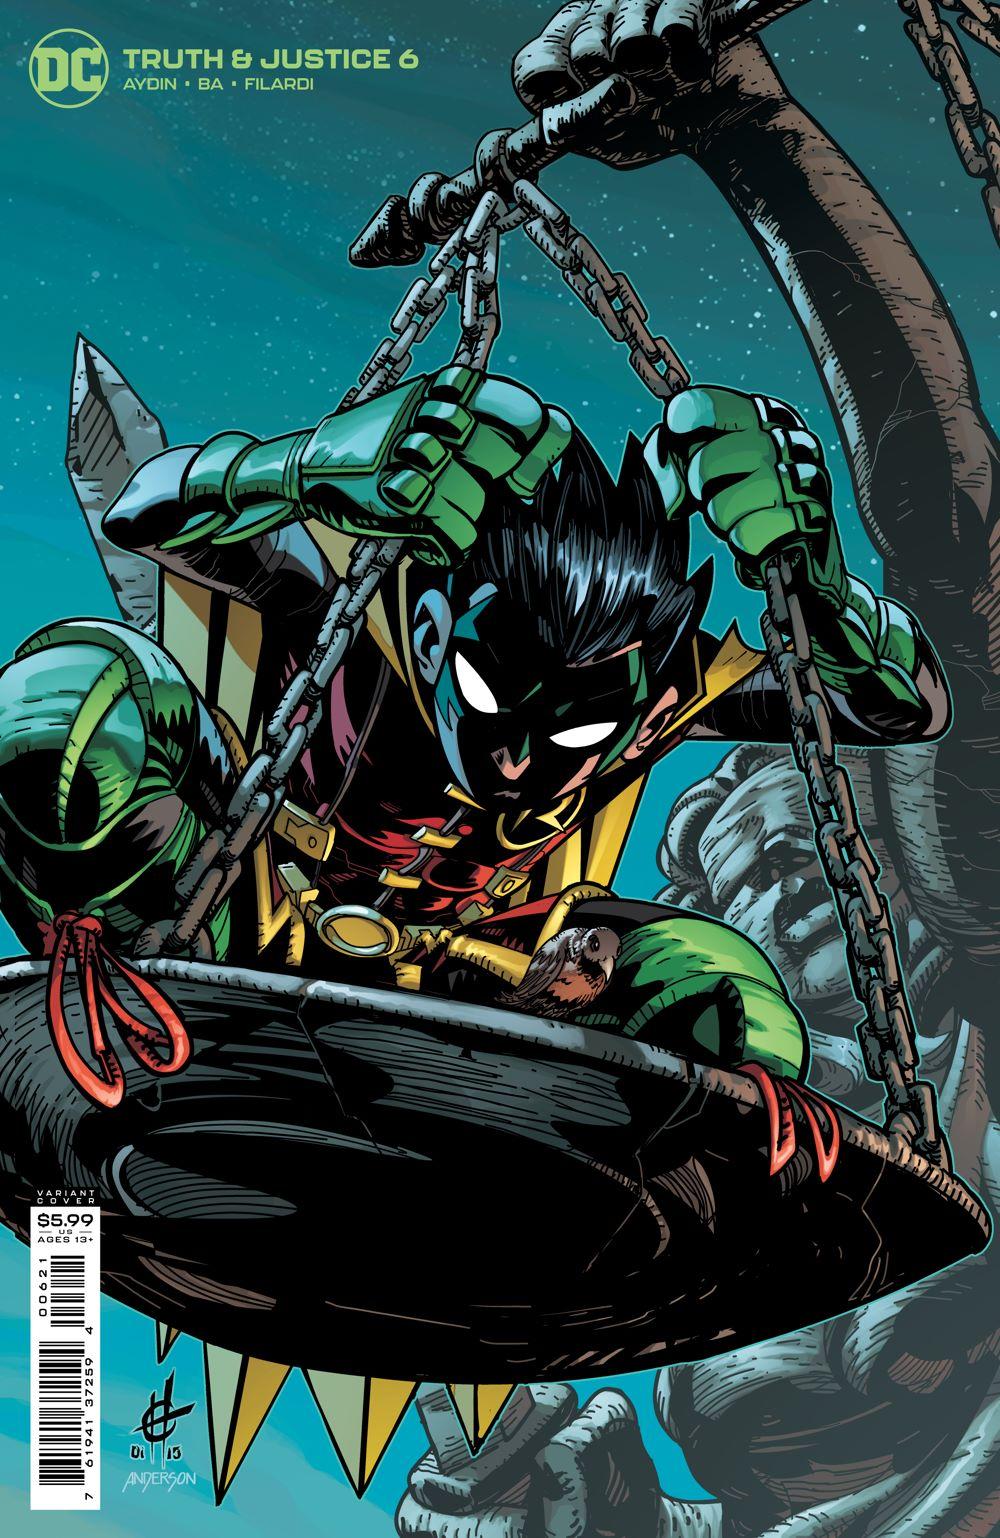 TAJ_Cv6_var DC Comics July 2021 Solicitations